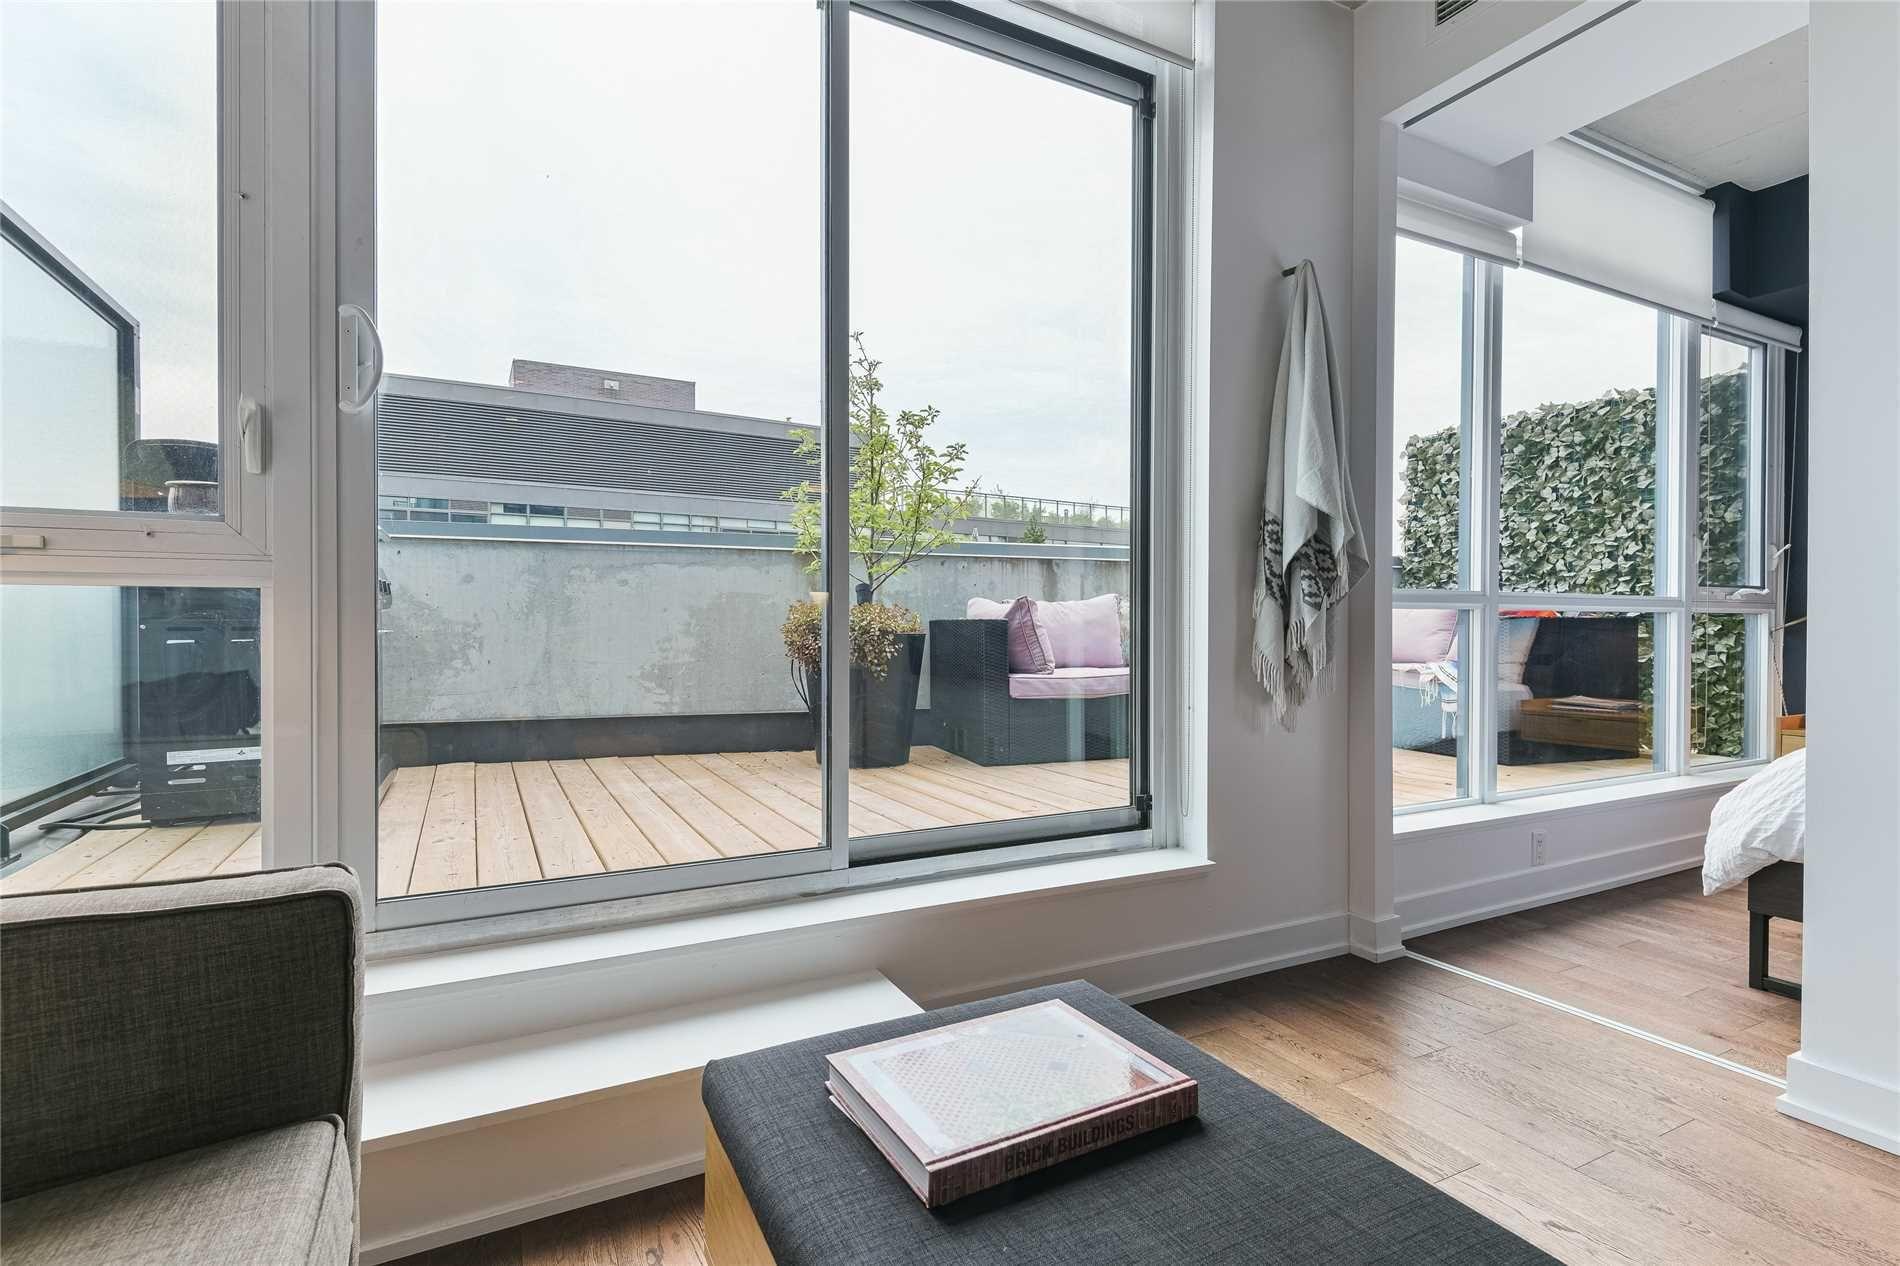 Photo 6: Photos: 910 1190 E Dundas Street in Toronto: South Riverdale Condo for sale (Toronto E01)  : MLS®# E4496416